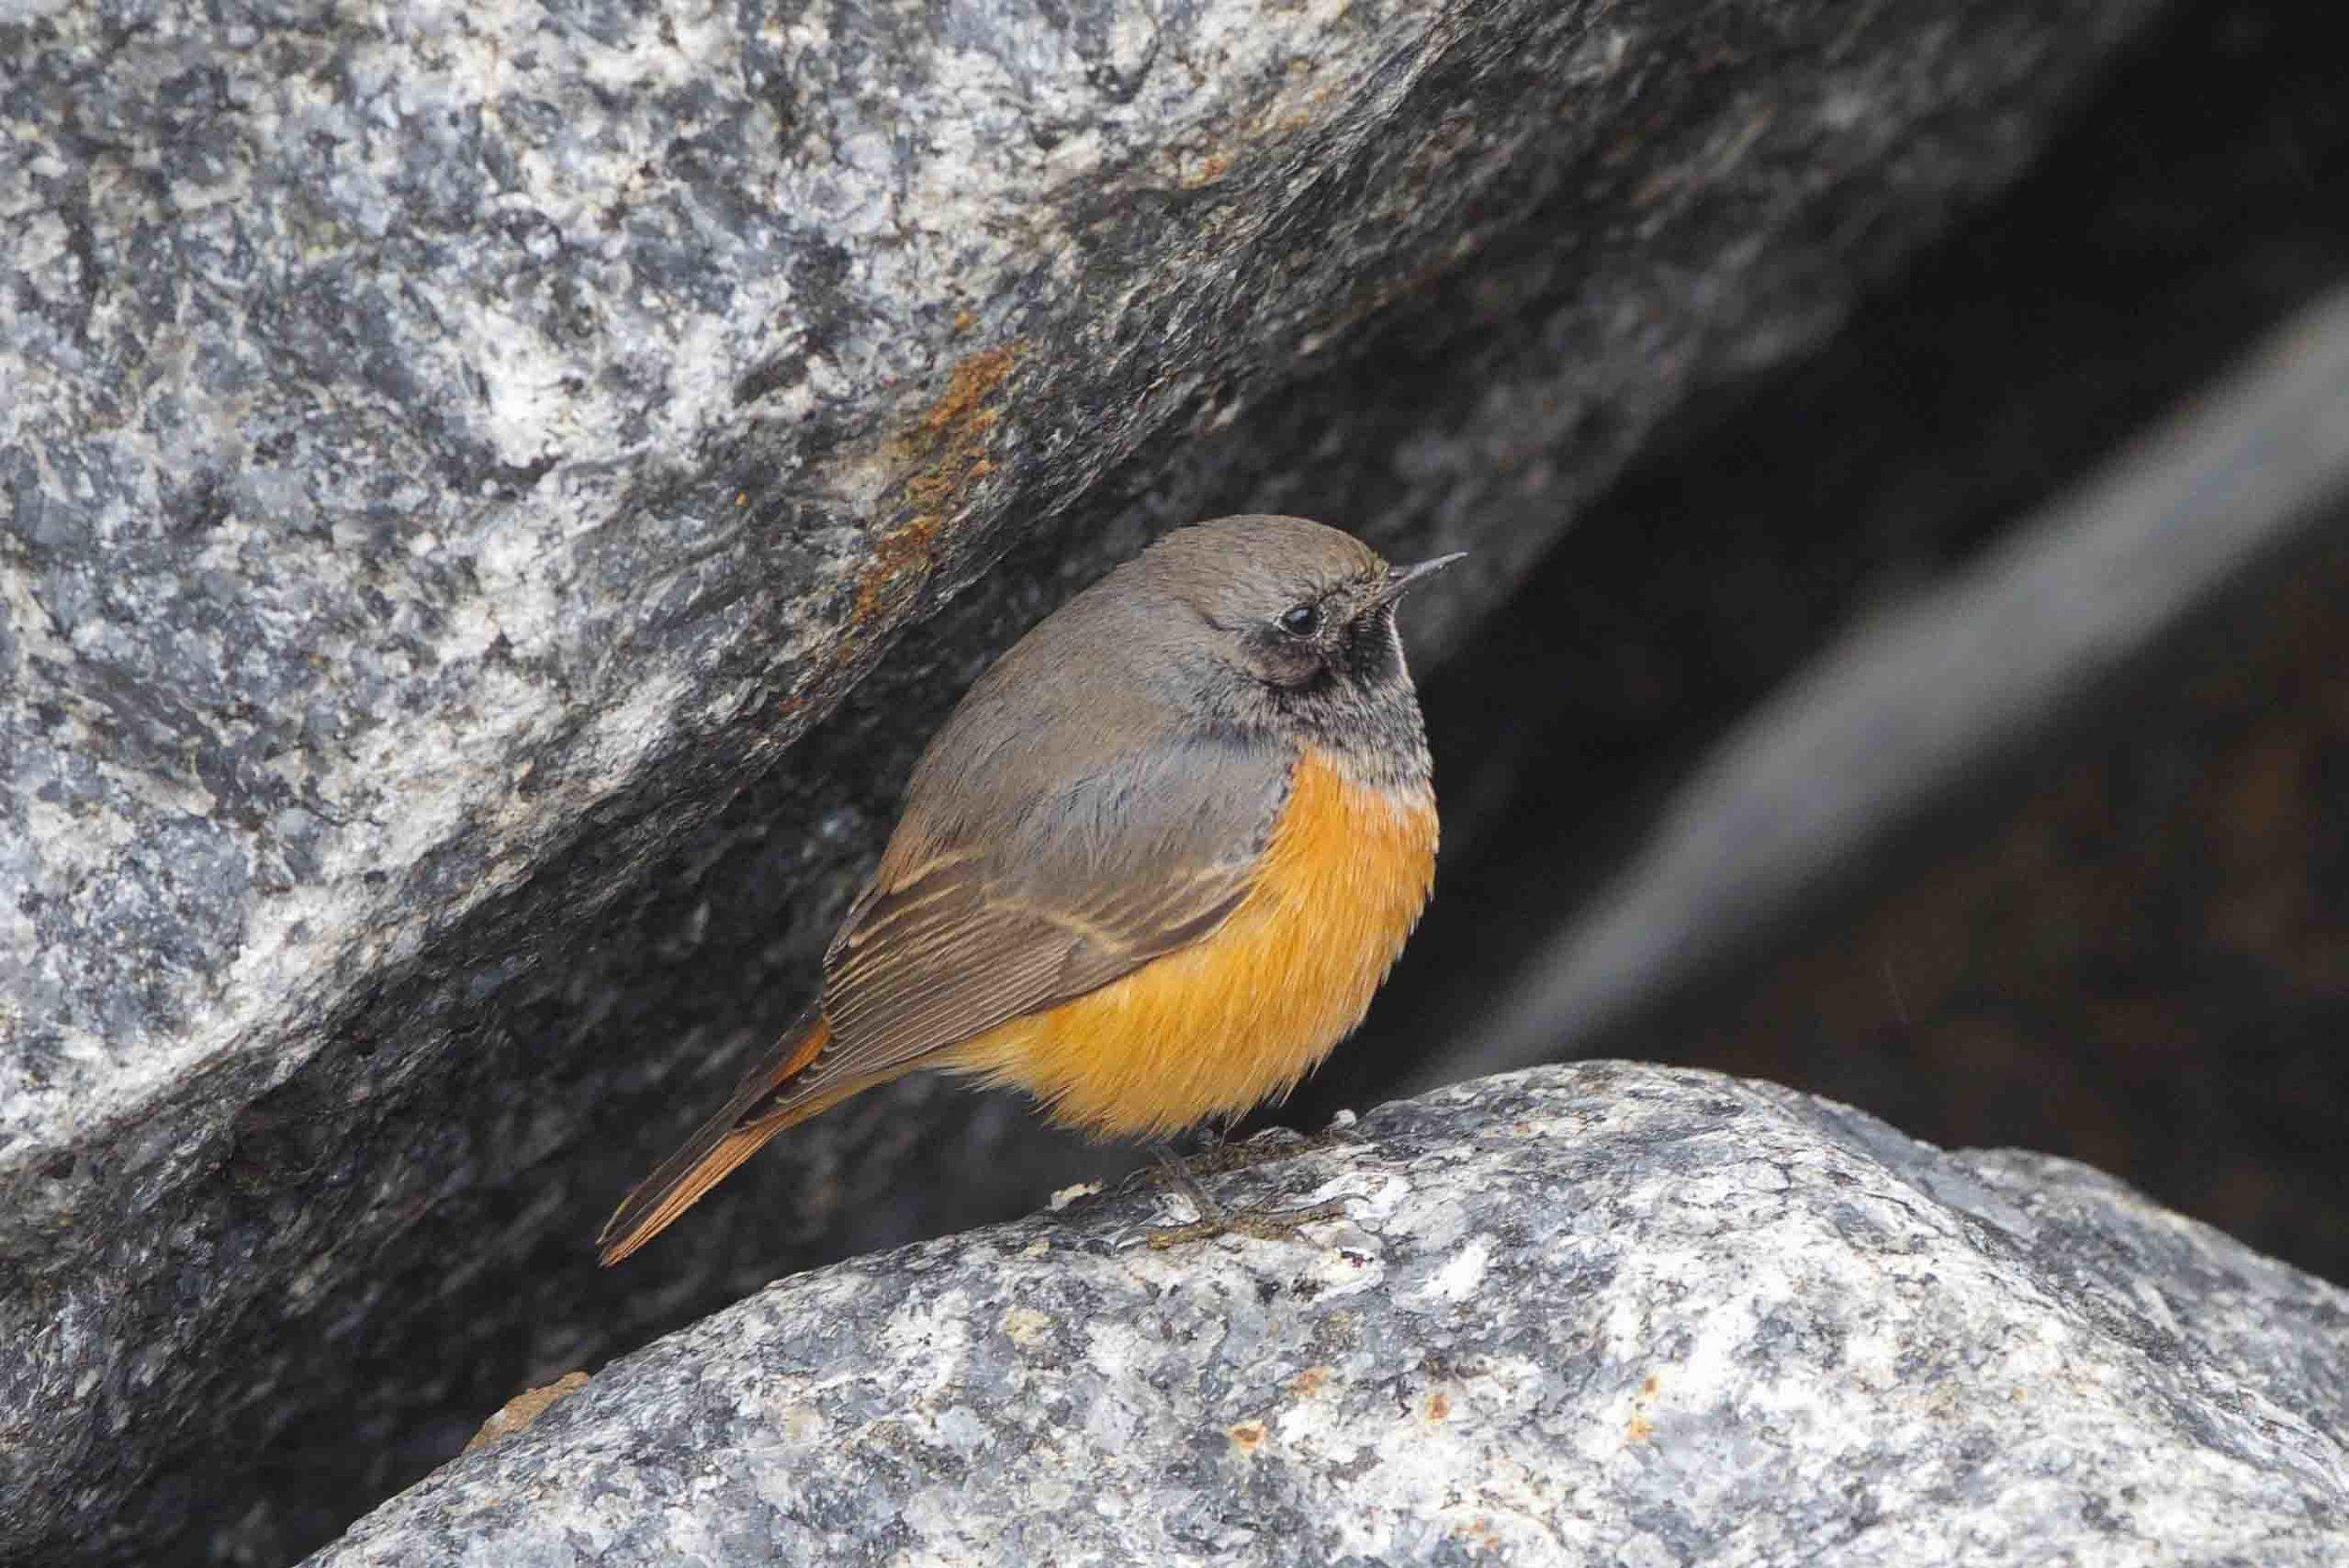 Eastern Black Redstart-Skinningrove-October